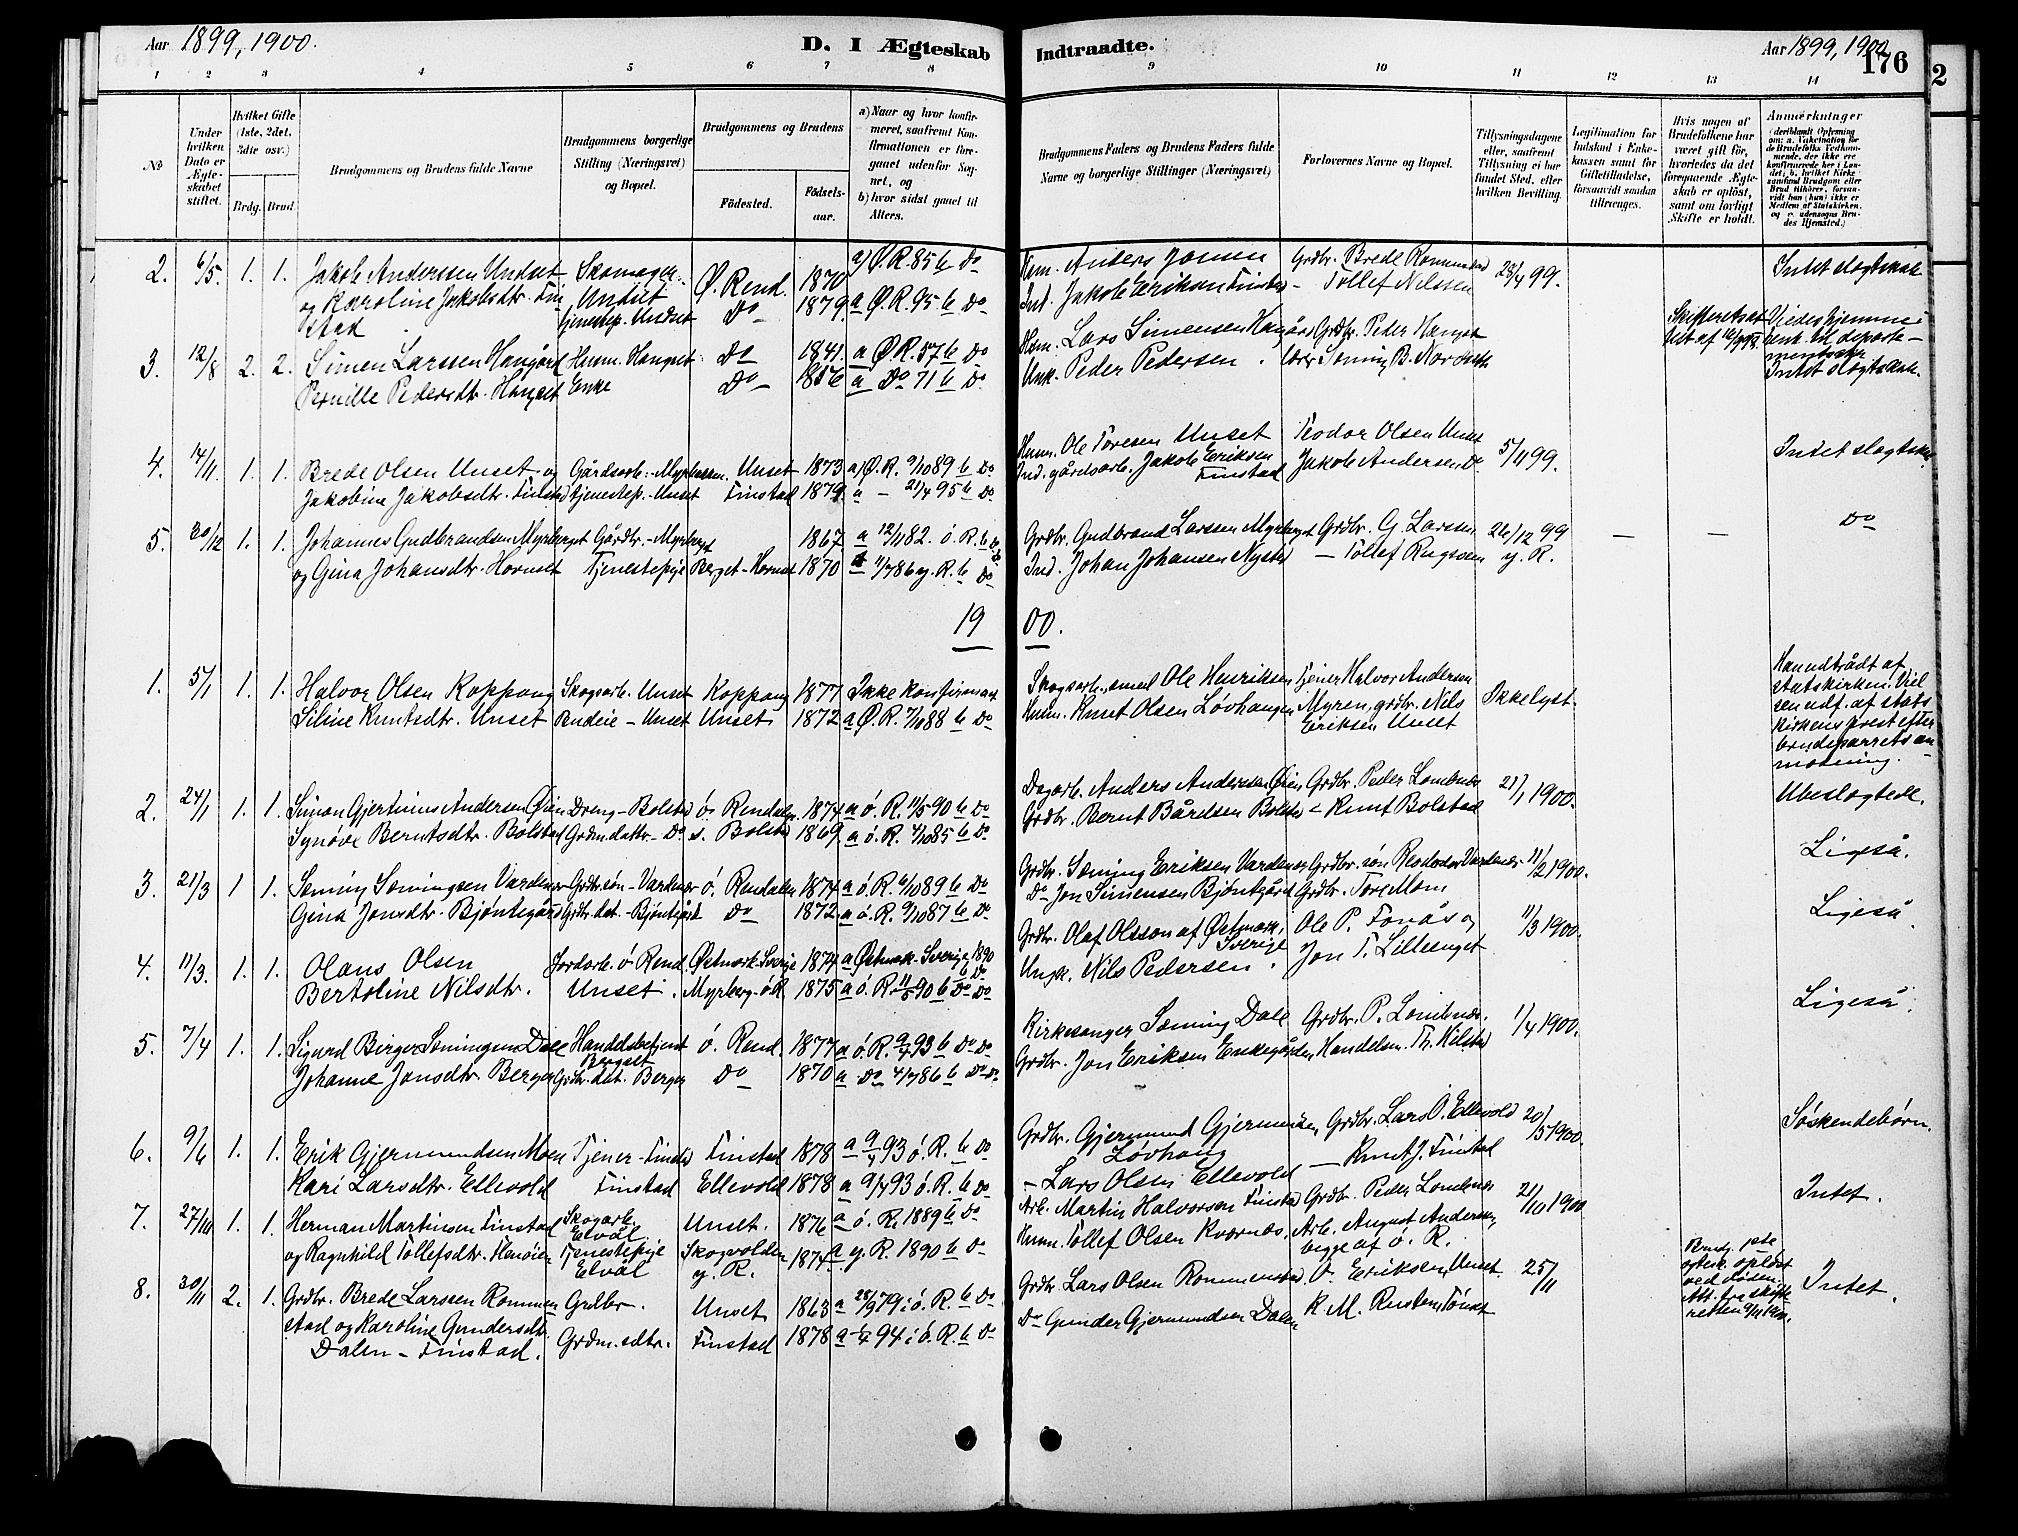 SAH, Rendalen prestekontor, H/Ha/Hab/L0003: Klokkerbok nr. 3, 1879-1904, s. 176